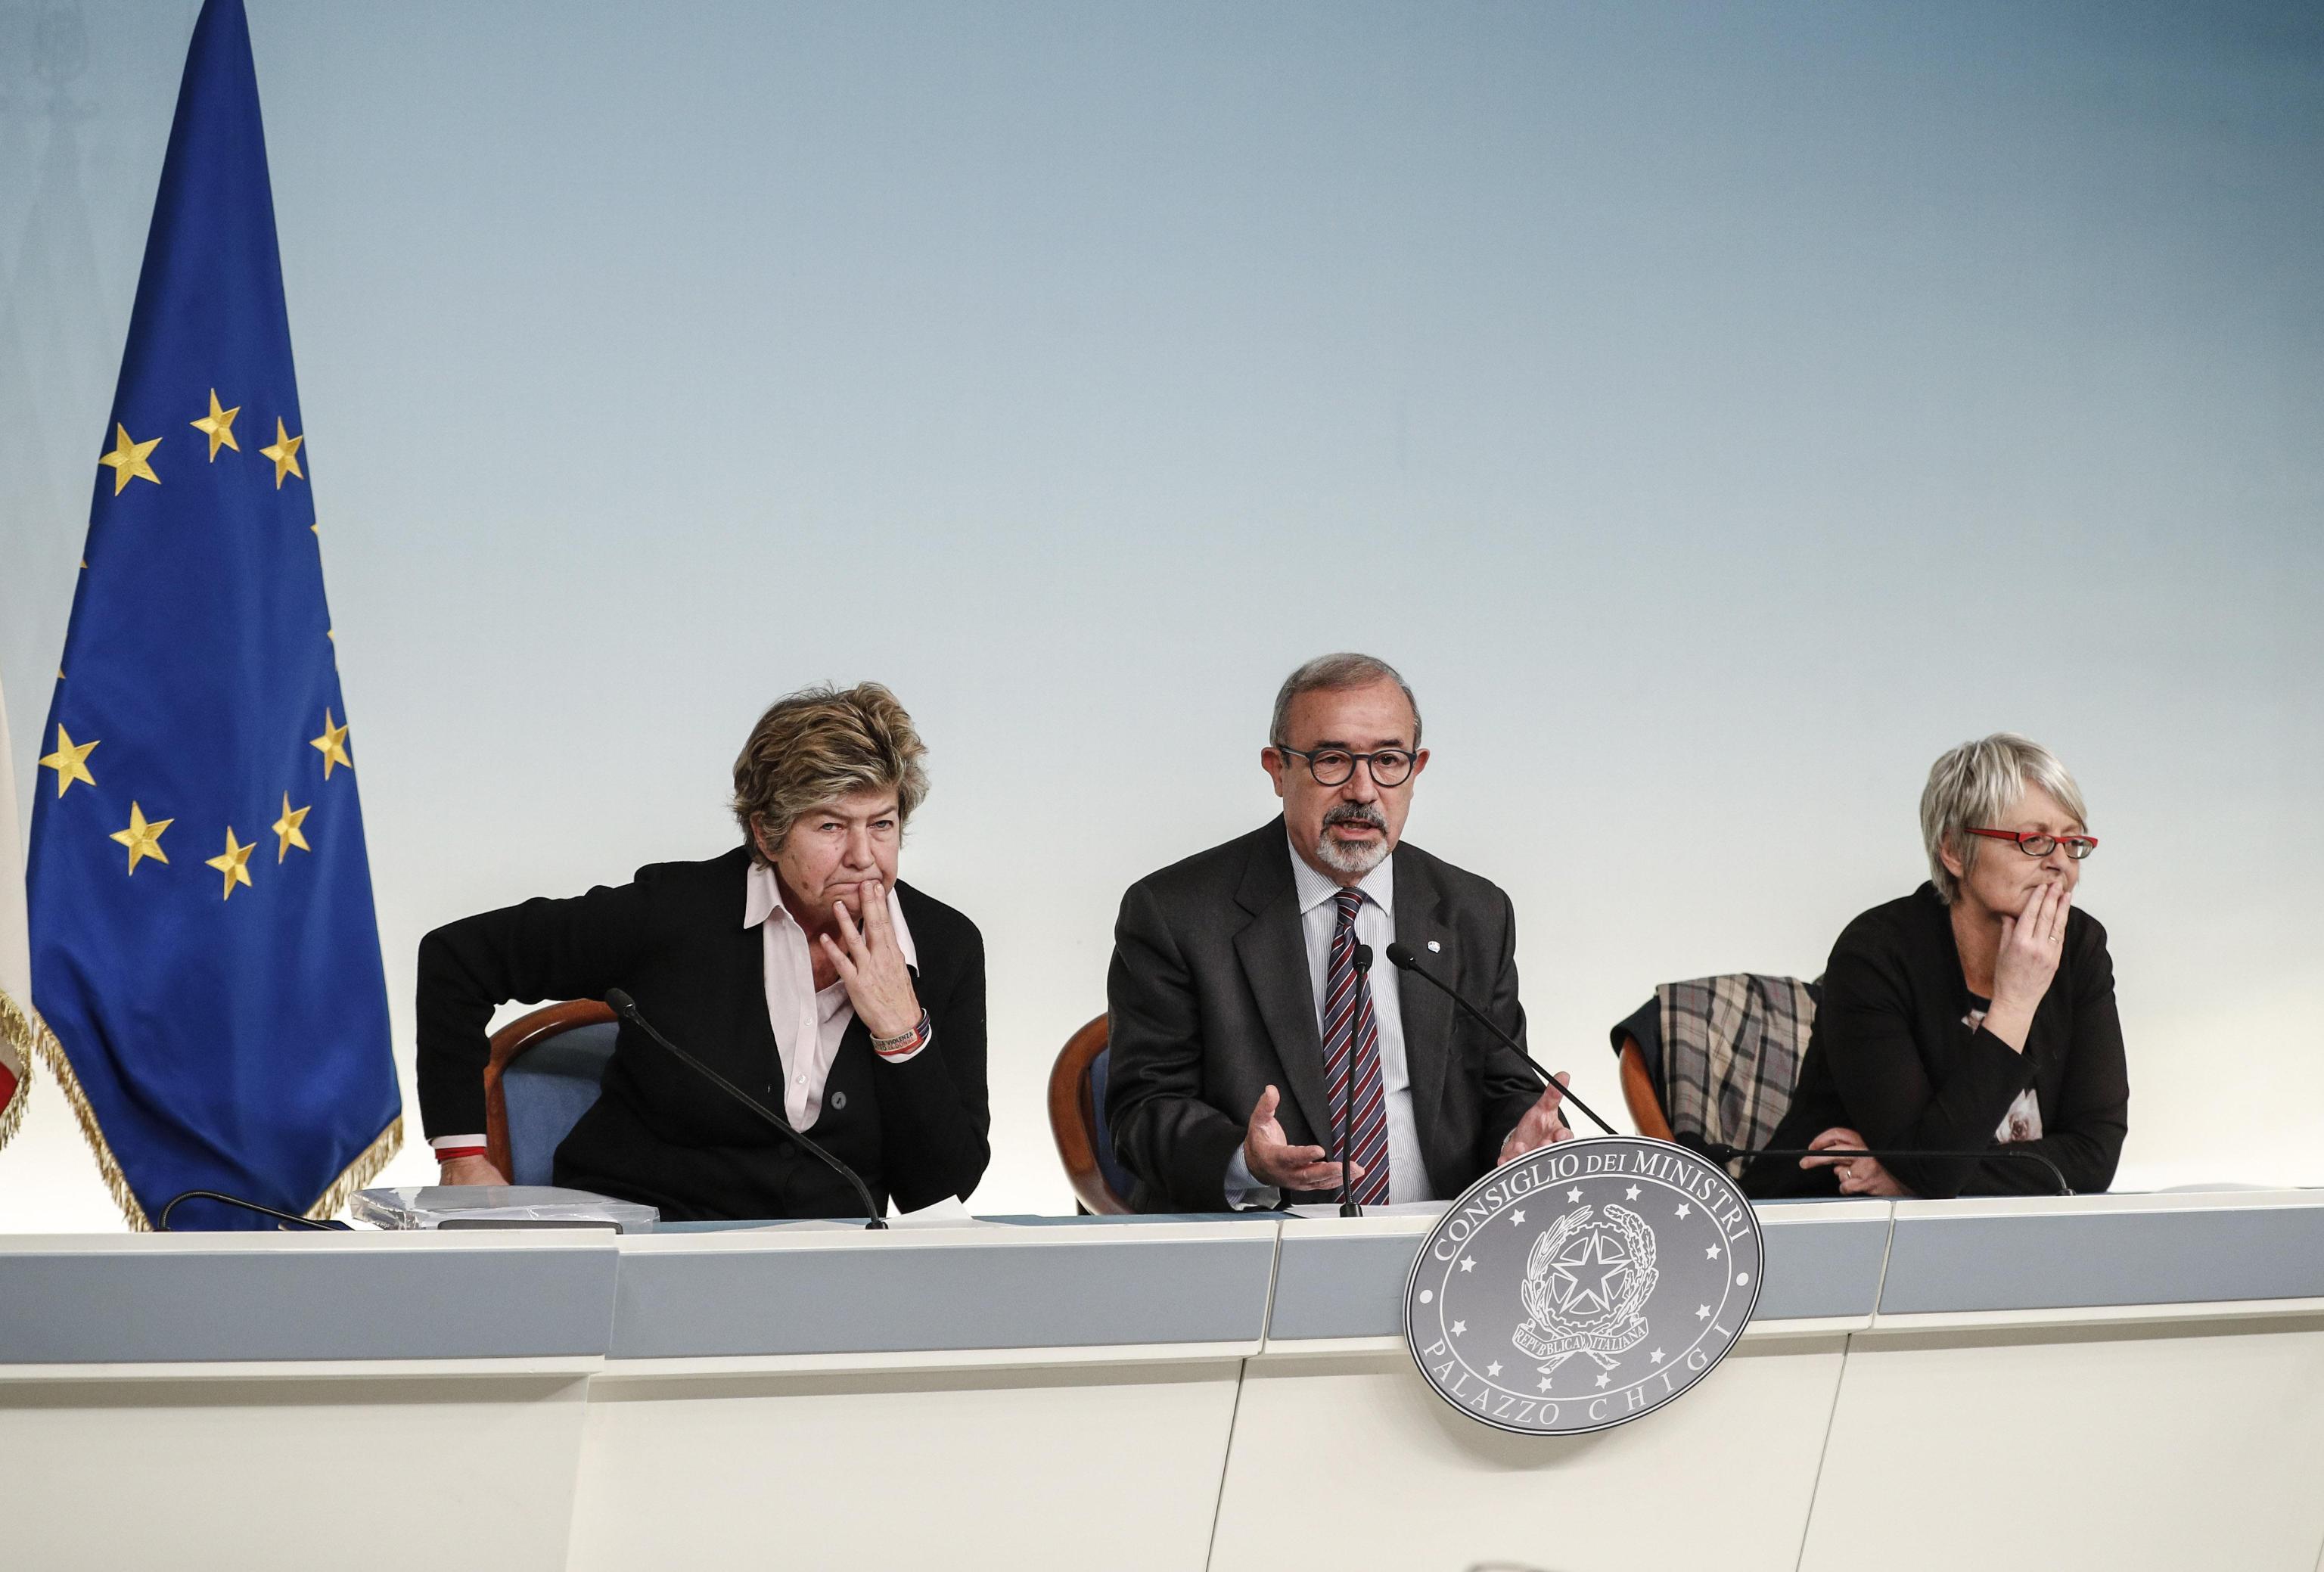 Pensioni news oggi: sindacati divisi sulla proposta del governo, il 2 dicembre la mobilitazione CGil